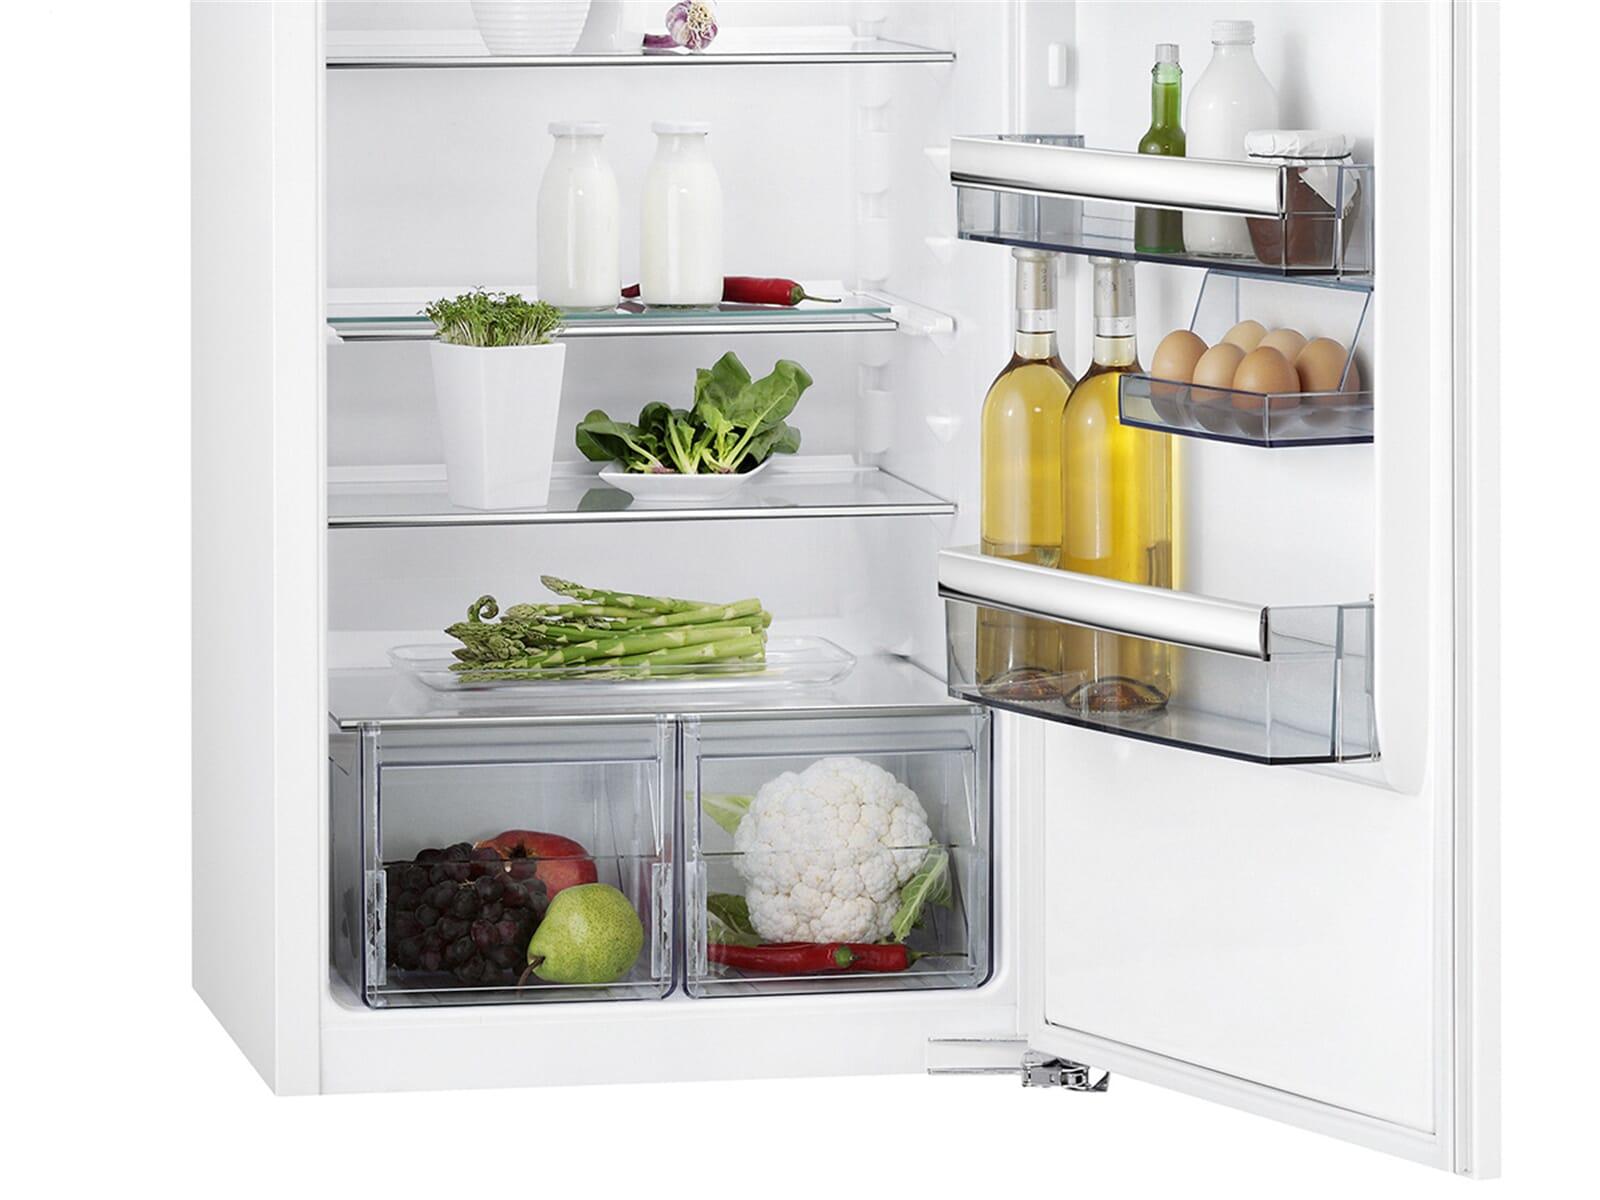 Aeg Kühlschrank Handbuch : Aeg kühlschrank bedienungsanleitung aeg kühlschrank taut nicht ab